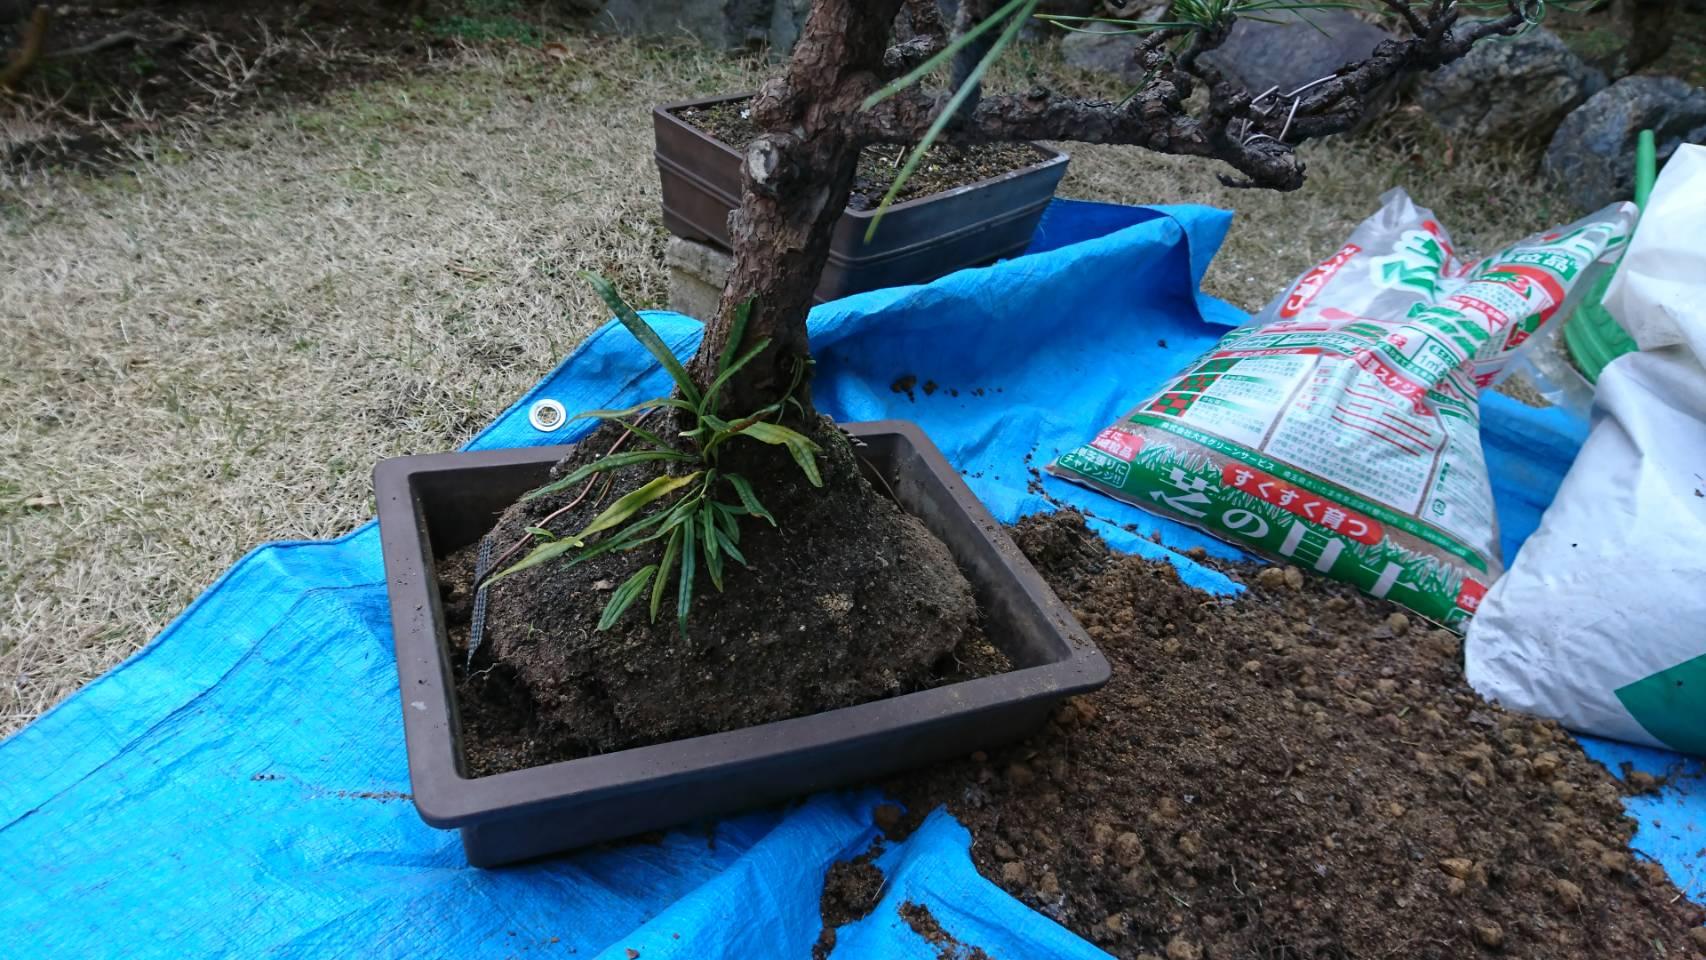 【大田区大森中】盆栽の植え替え 春の庭仕事